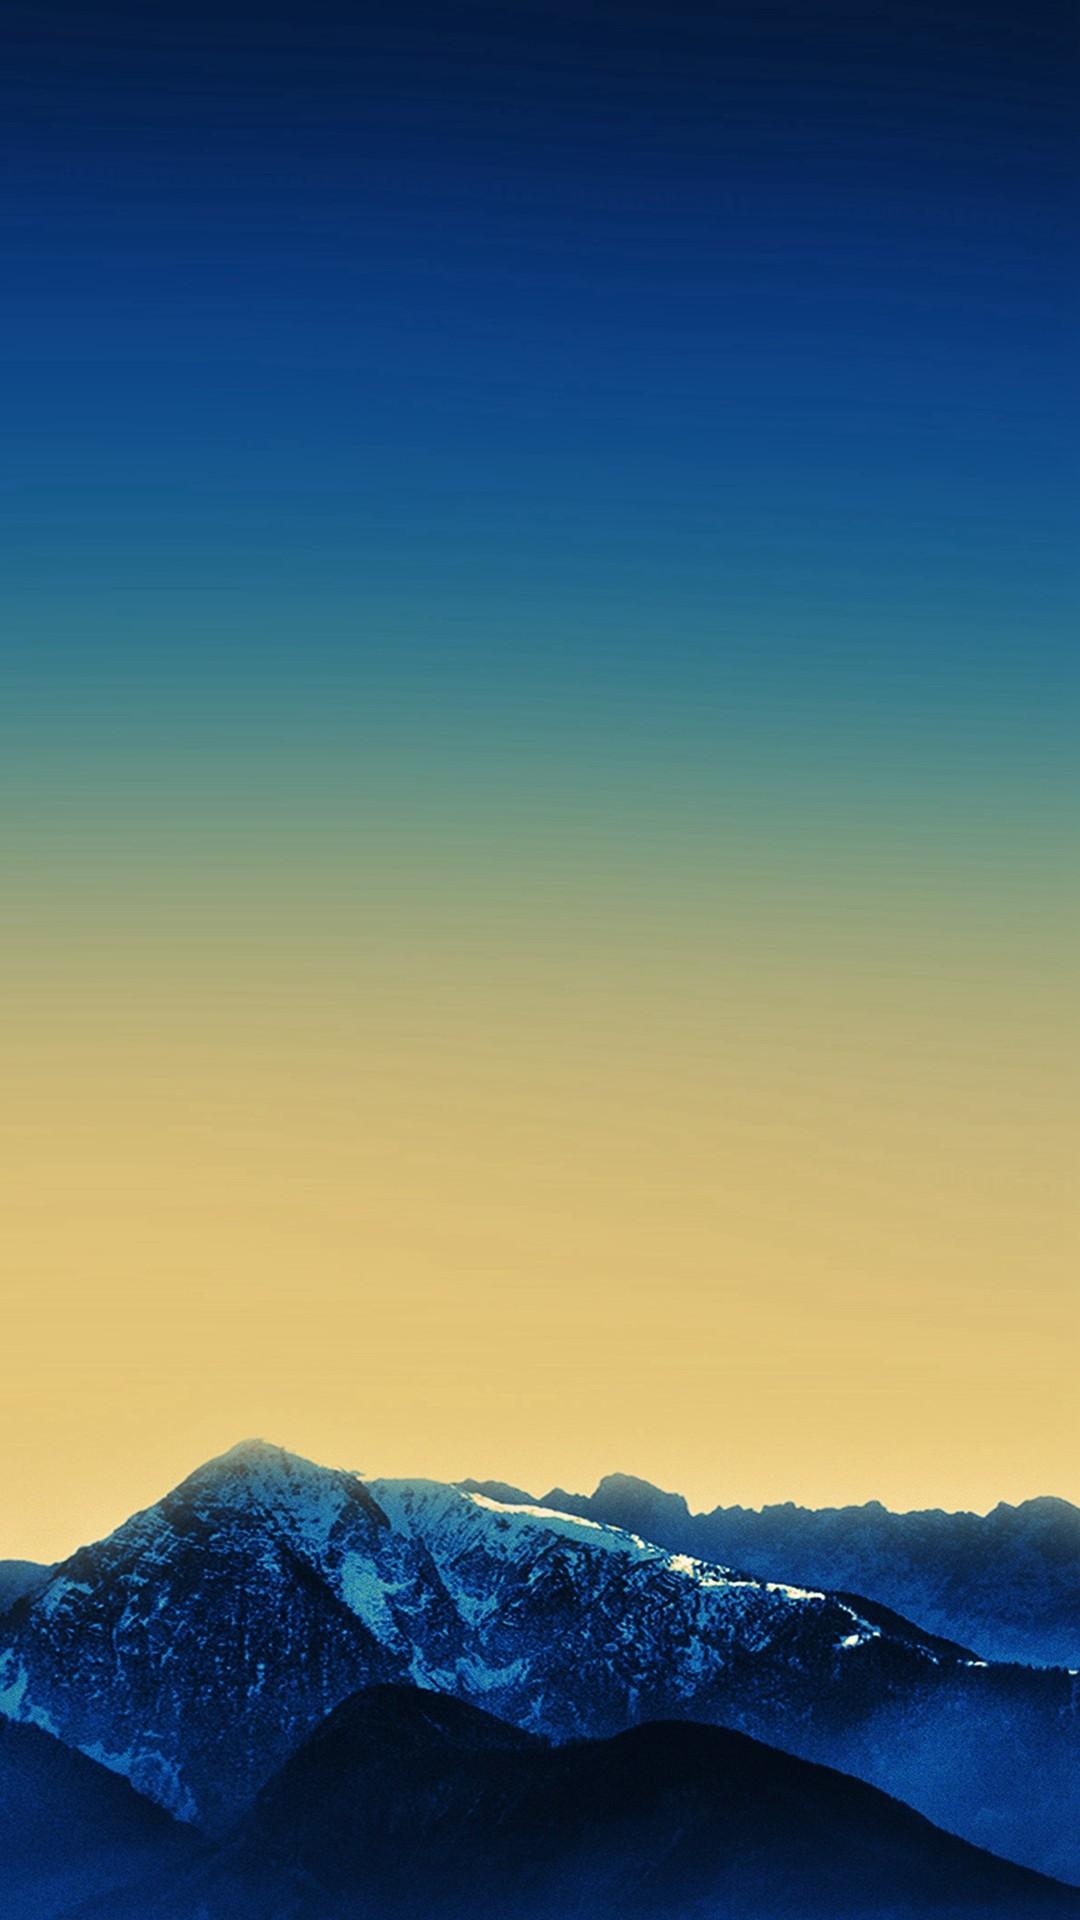 iPhone 7 Plus …